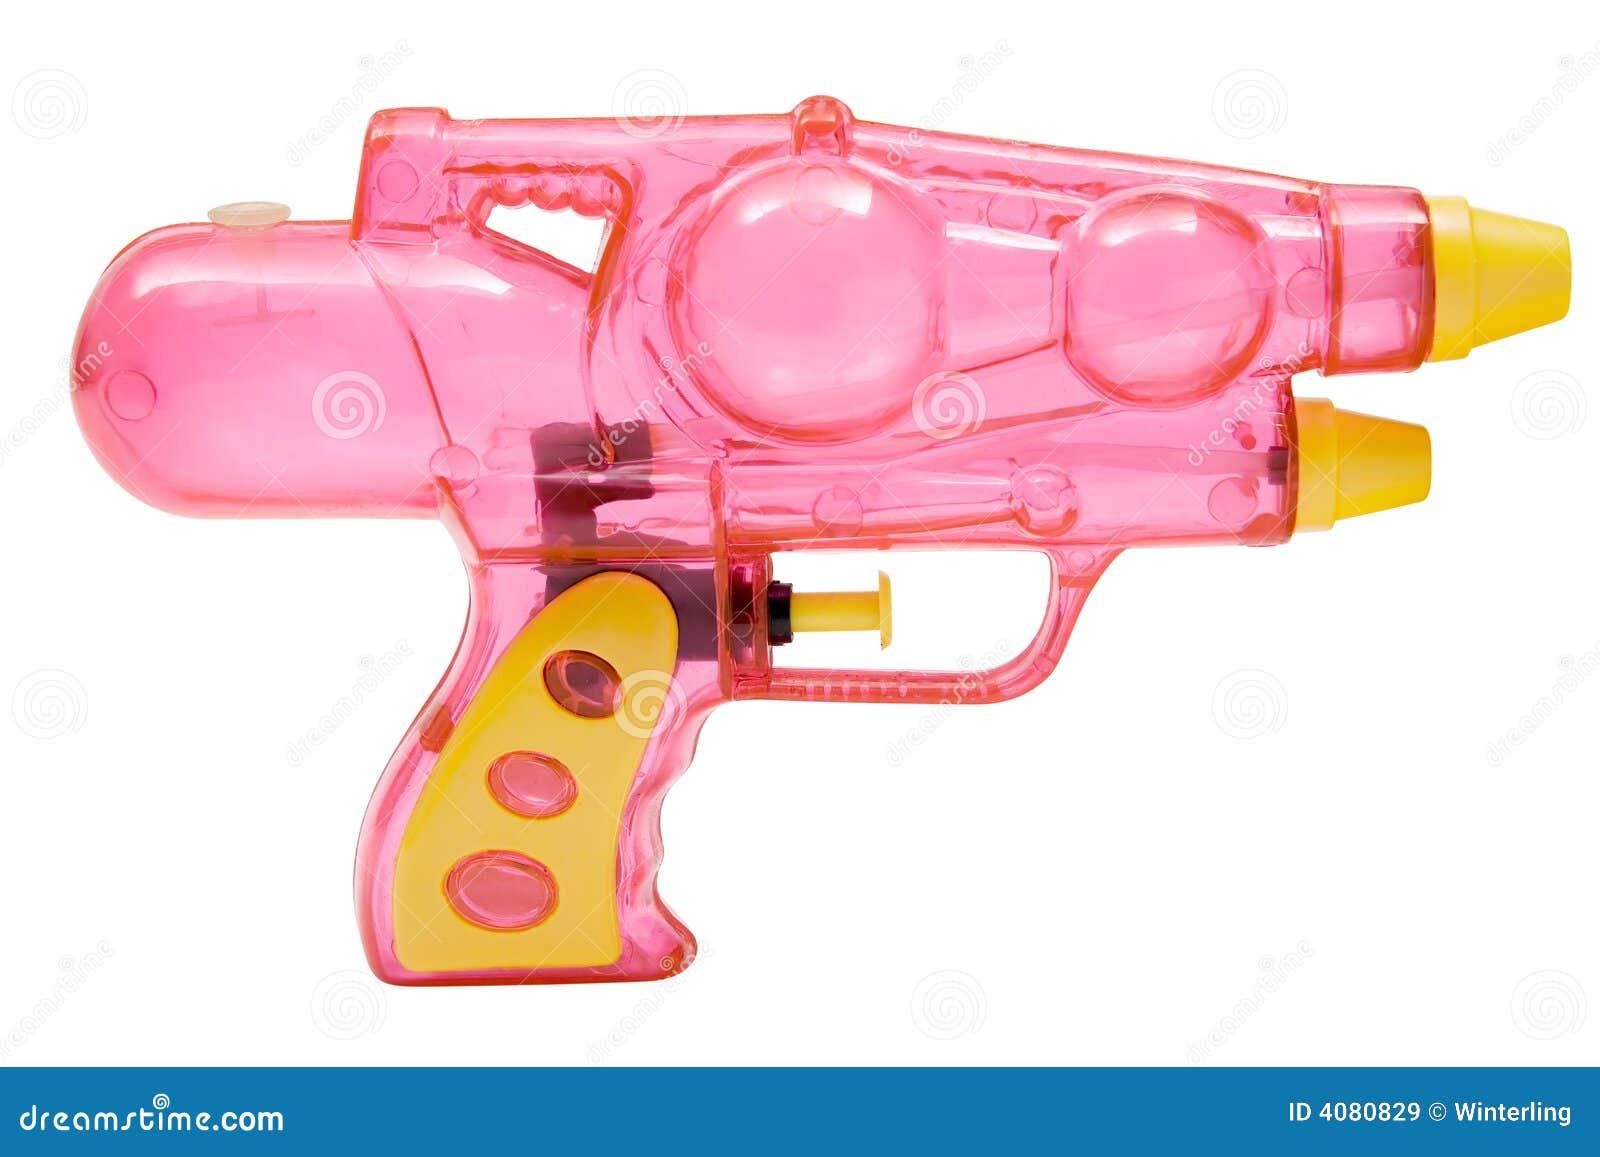 pistolet d 39 eau rose images libres de droits image 4080829. Black Bedroom Furniture Sets. Home Design Ideas